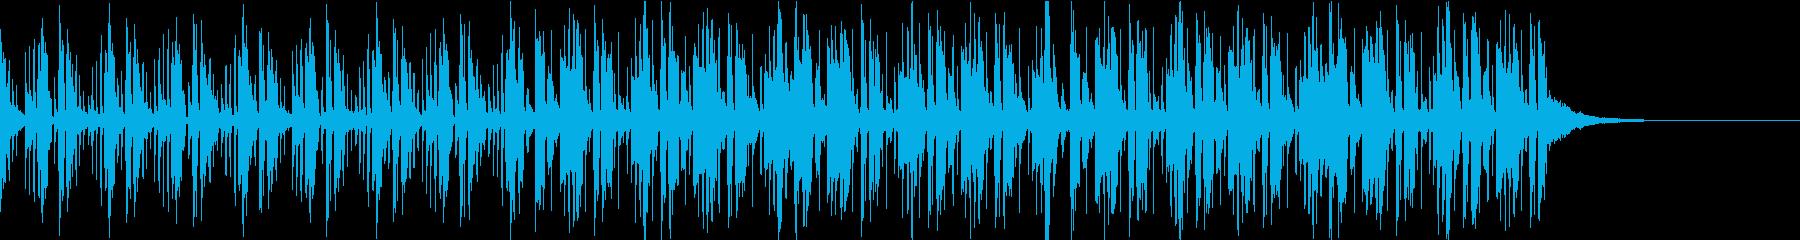 Pf「診断」和風現代ジャズの再生済みの波形